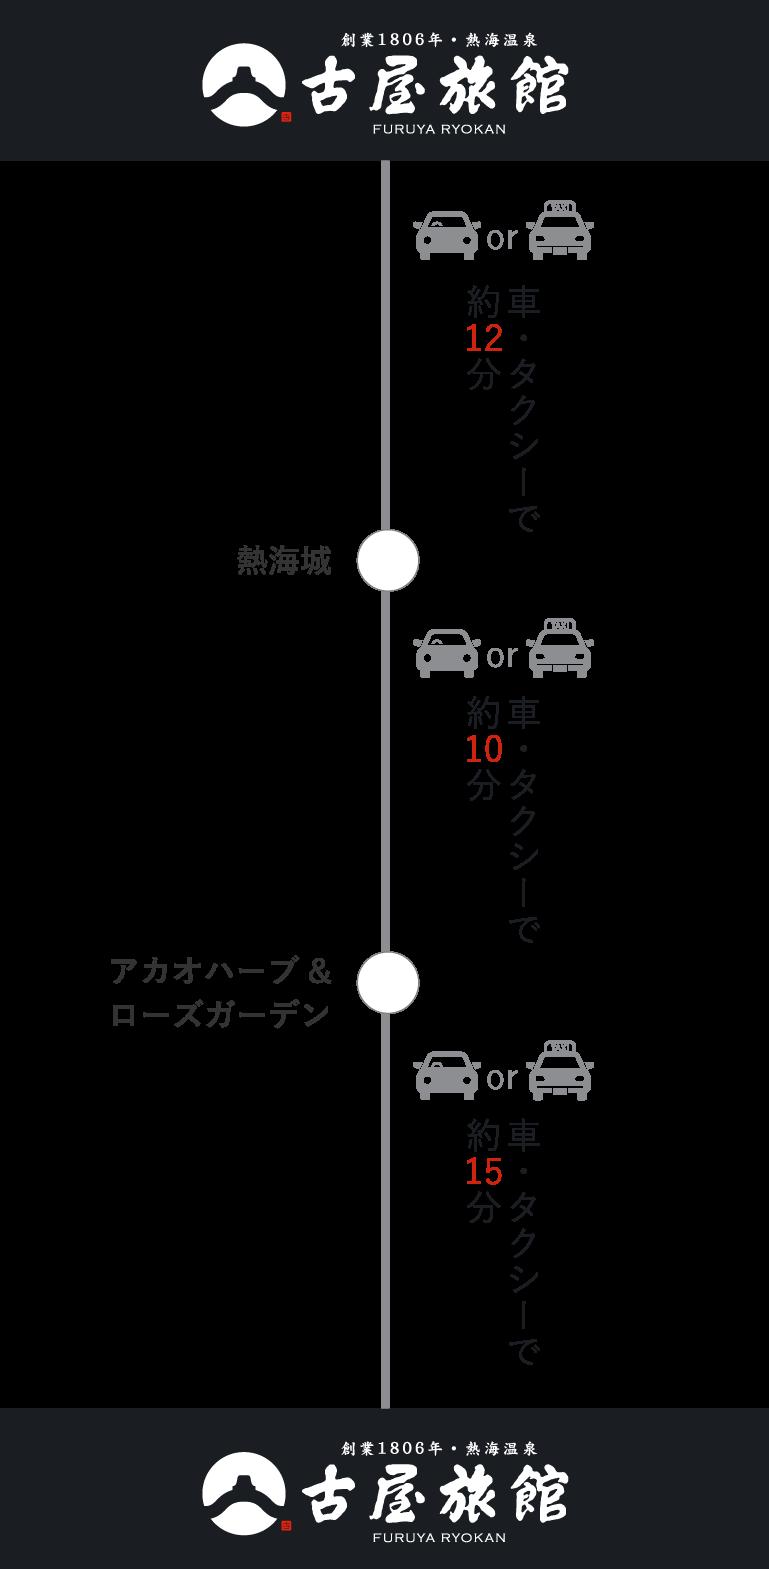 絶景コース 熱海城・錦ヶ浦